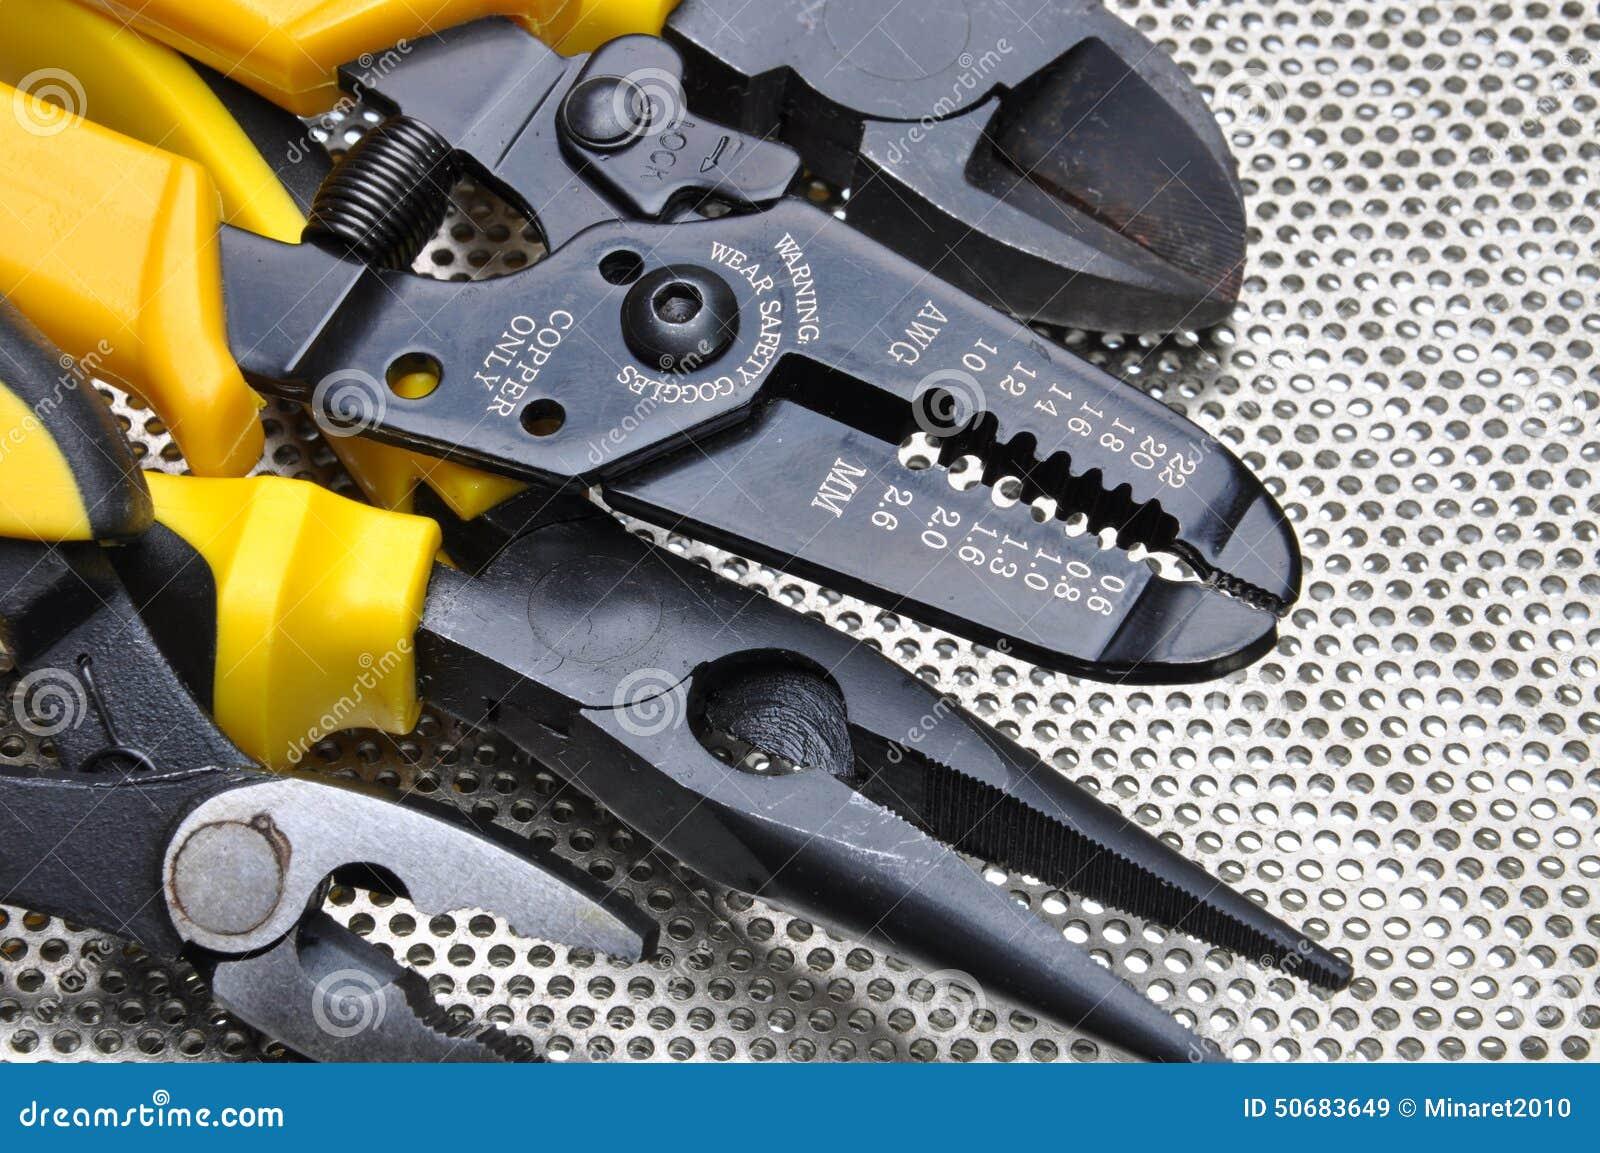 Download 为电子设施的工具 库存图片. 图片 包括有 维修服务, 颜色, 手工, 关闭, 工具箱, 技术, teched的 - 50683649